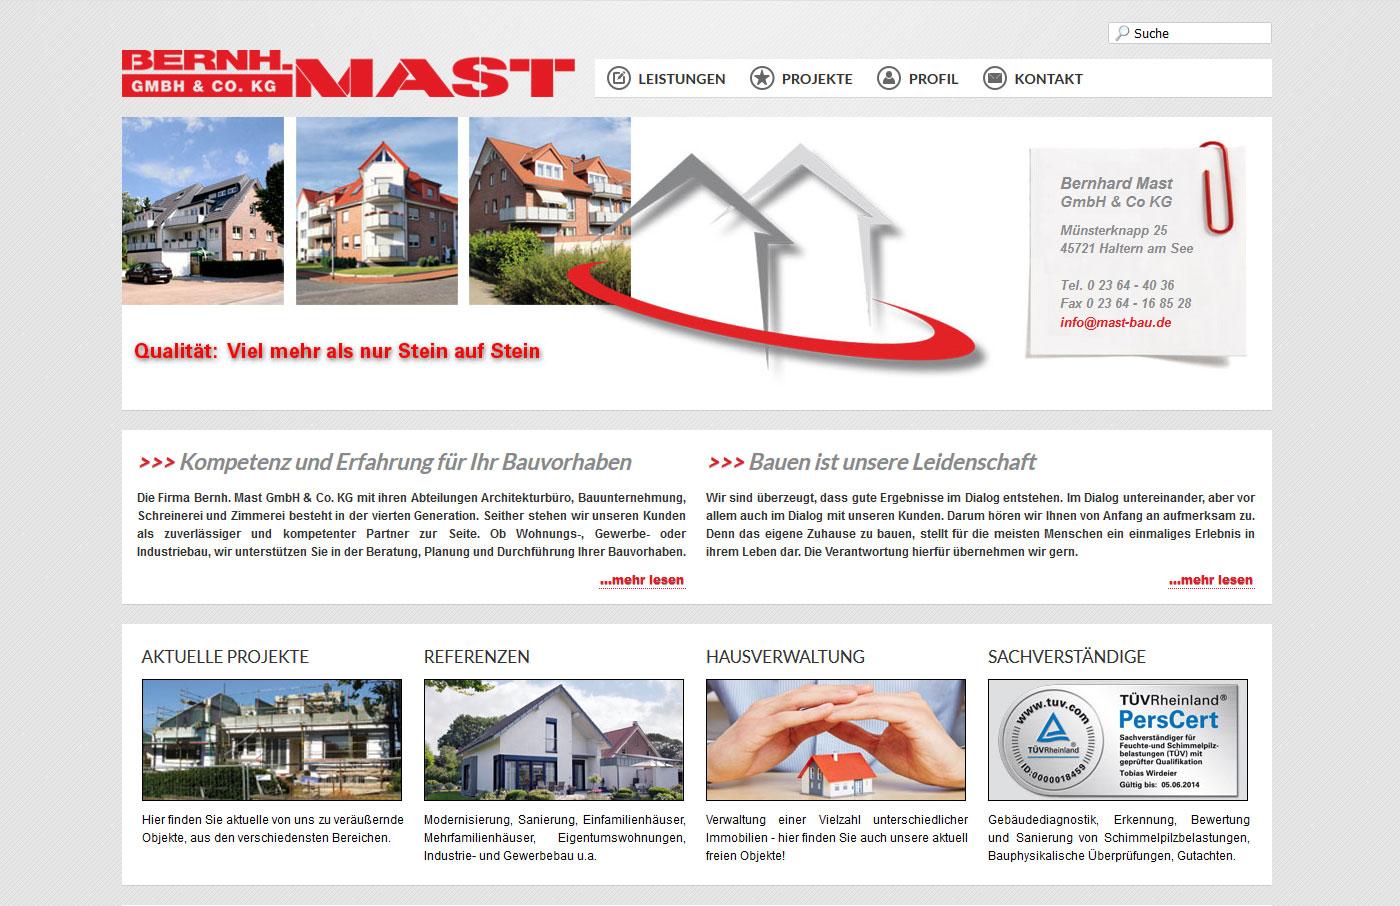 webseite-architekturbuero-bauunternehmung.jpg